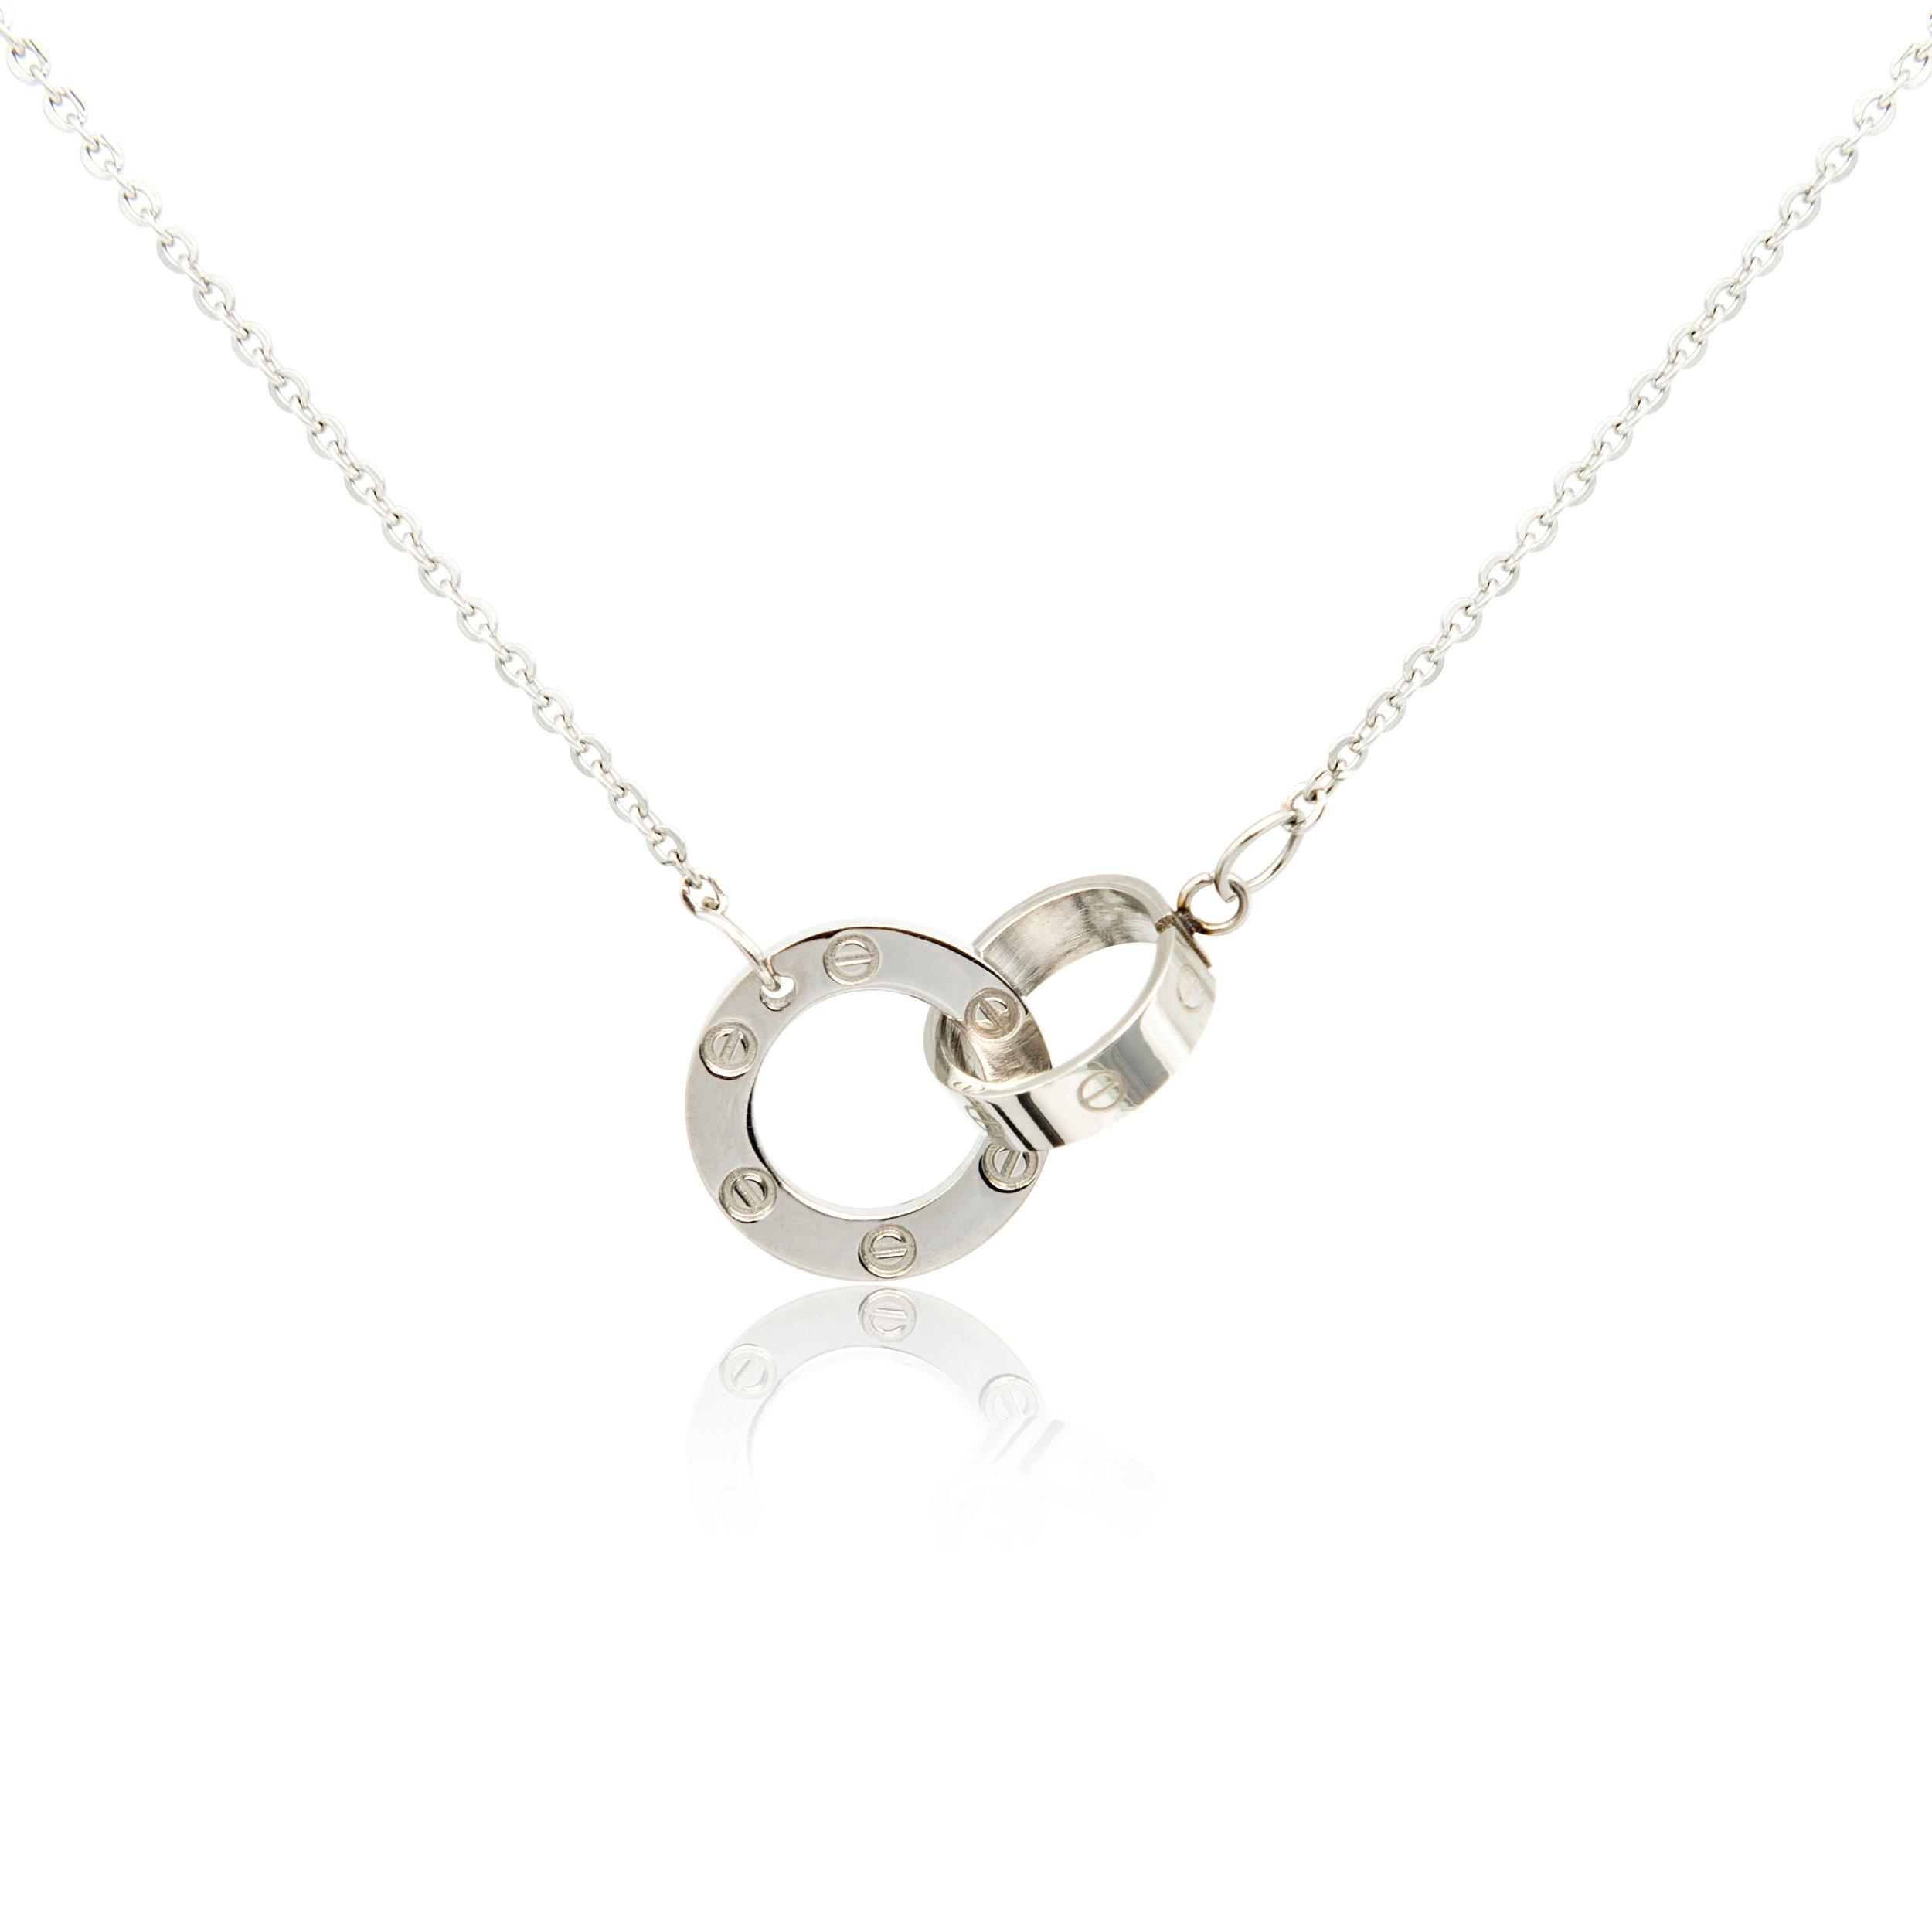 Whitegold Necklace